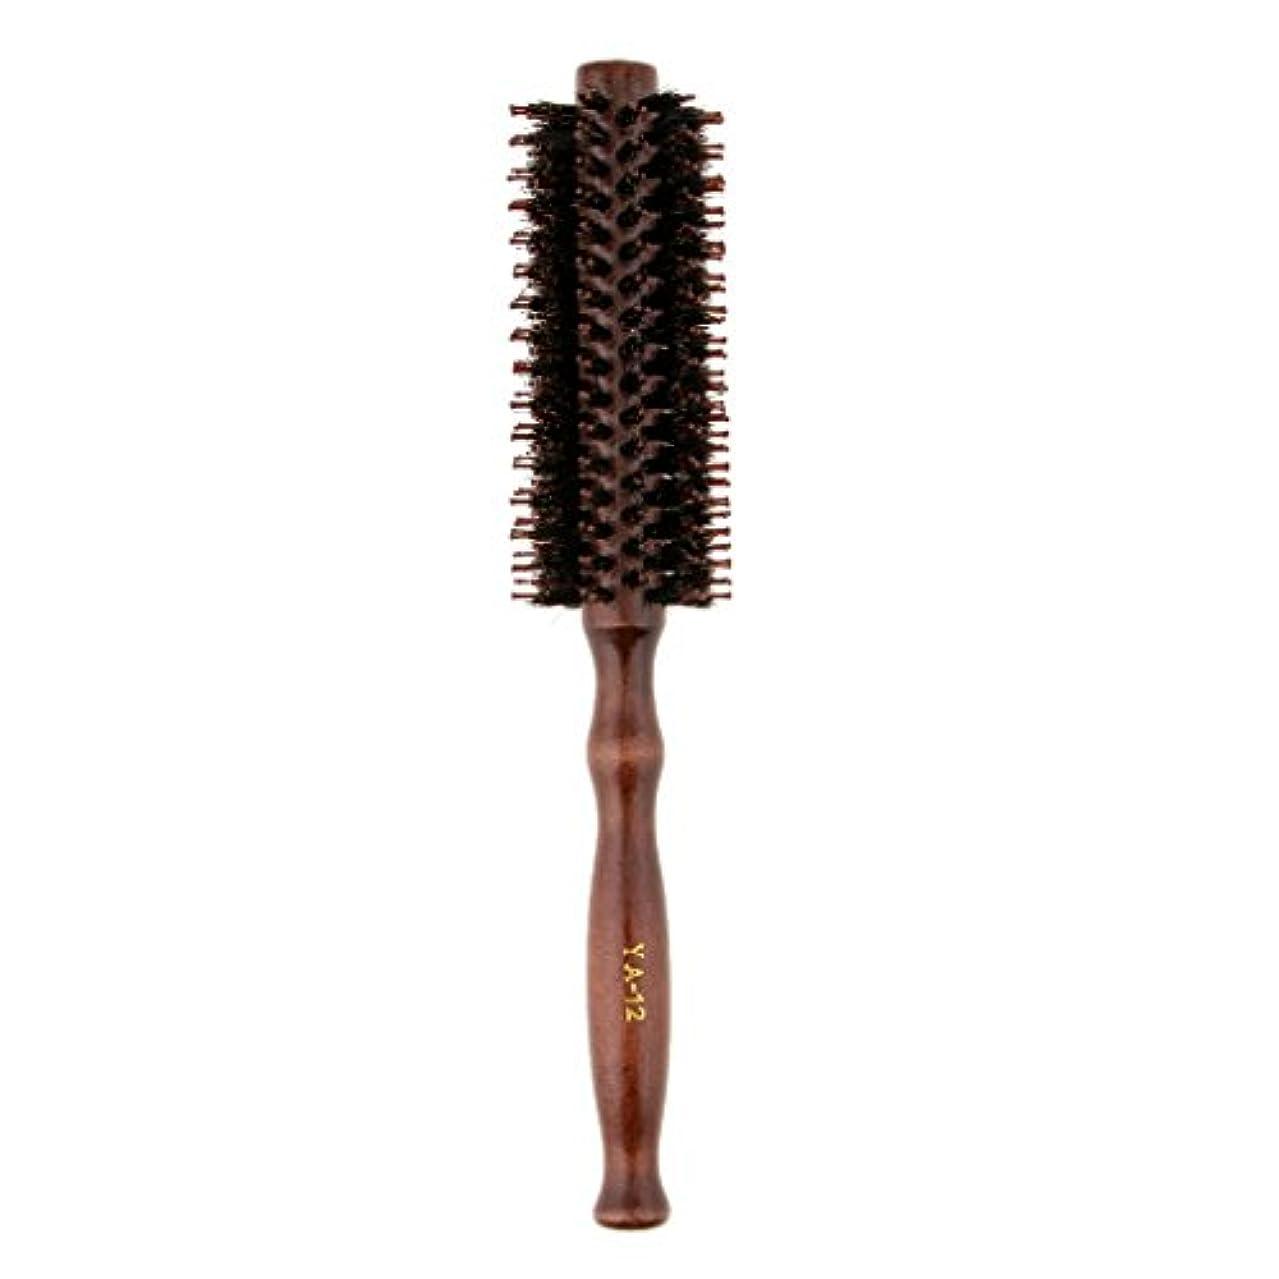 動かない機械的見つけるFenteer ロールブラシ ヘアブラシ 木製ハンドル 滑らか 仕上げ 速乾性 軽量 理髪 美容 カール 2タイプ選べる - #2